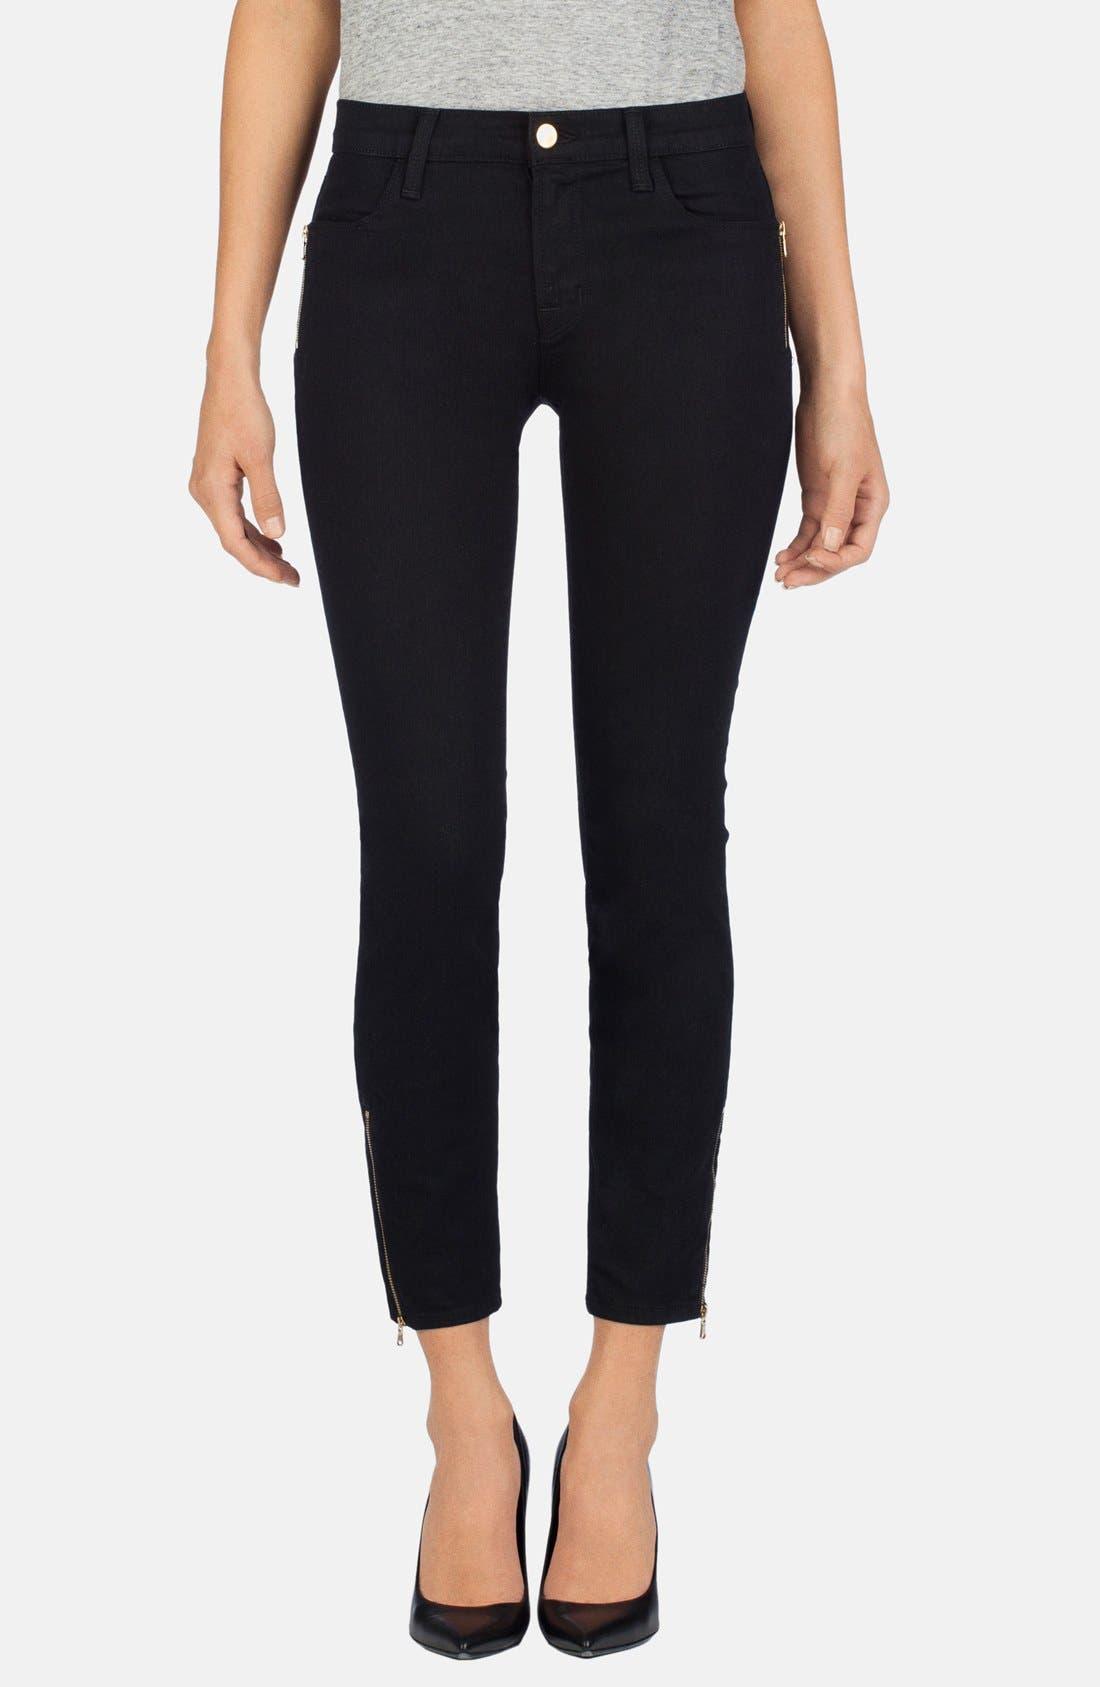 Alternate Image 1 Selected - J Brand Ankle Zip Skinny Jeans (Vanity)